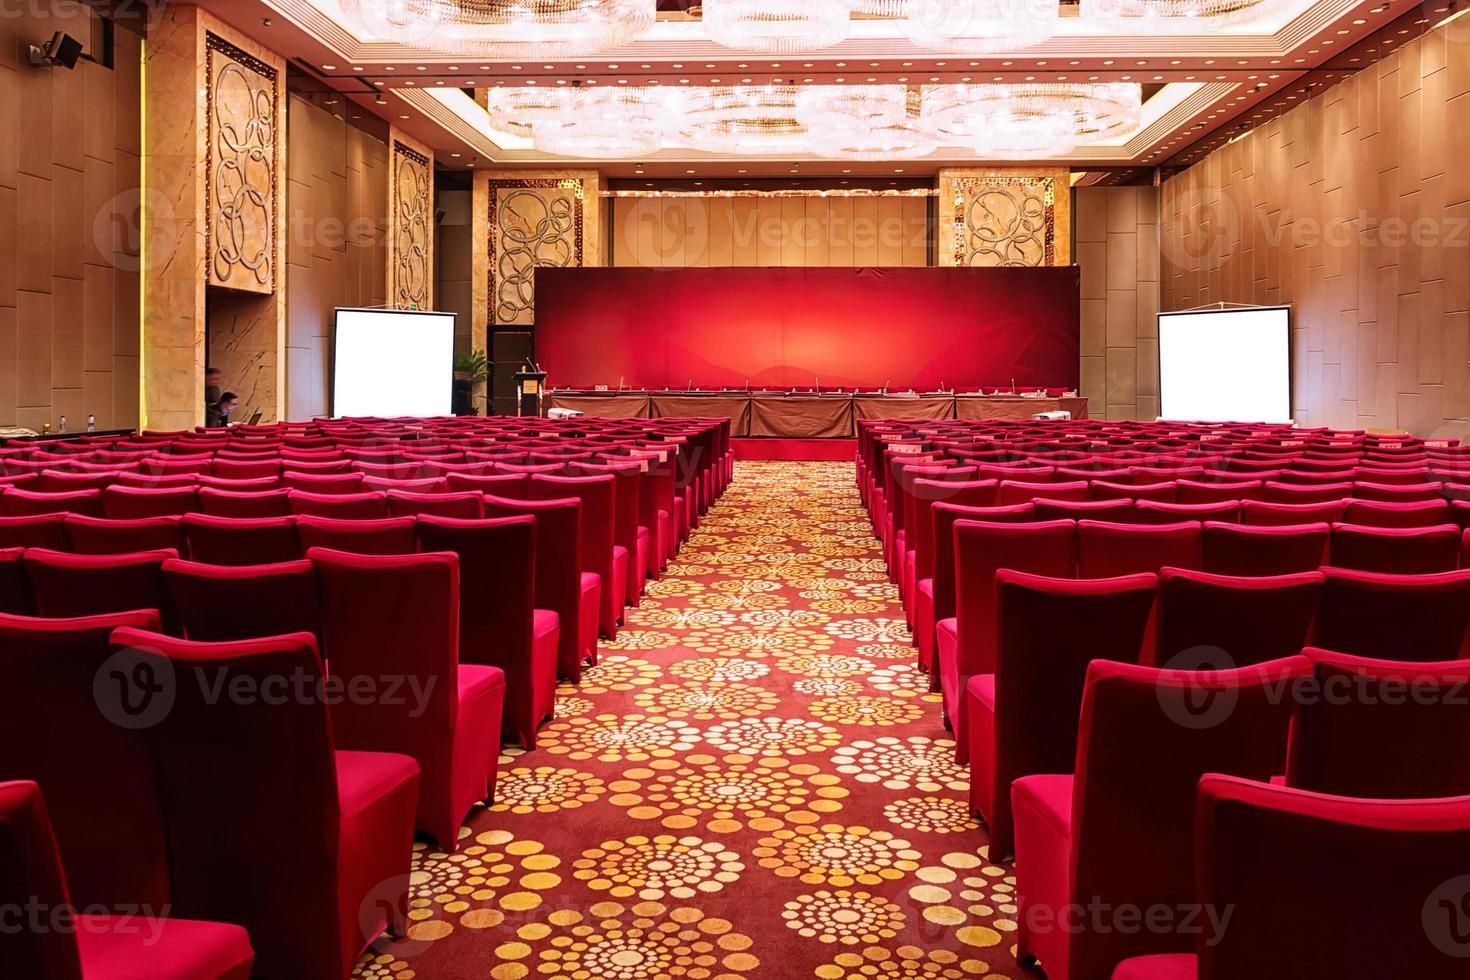 sala conferenze interna e sedie. foto